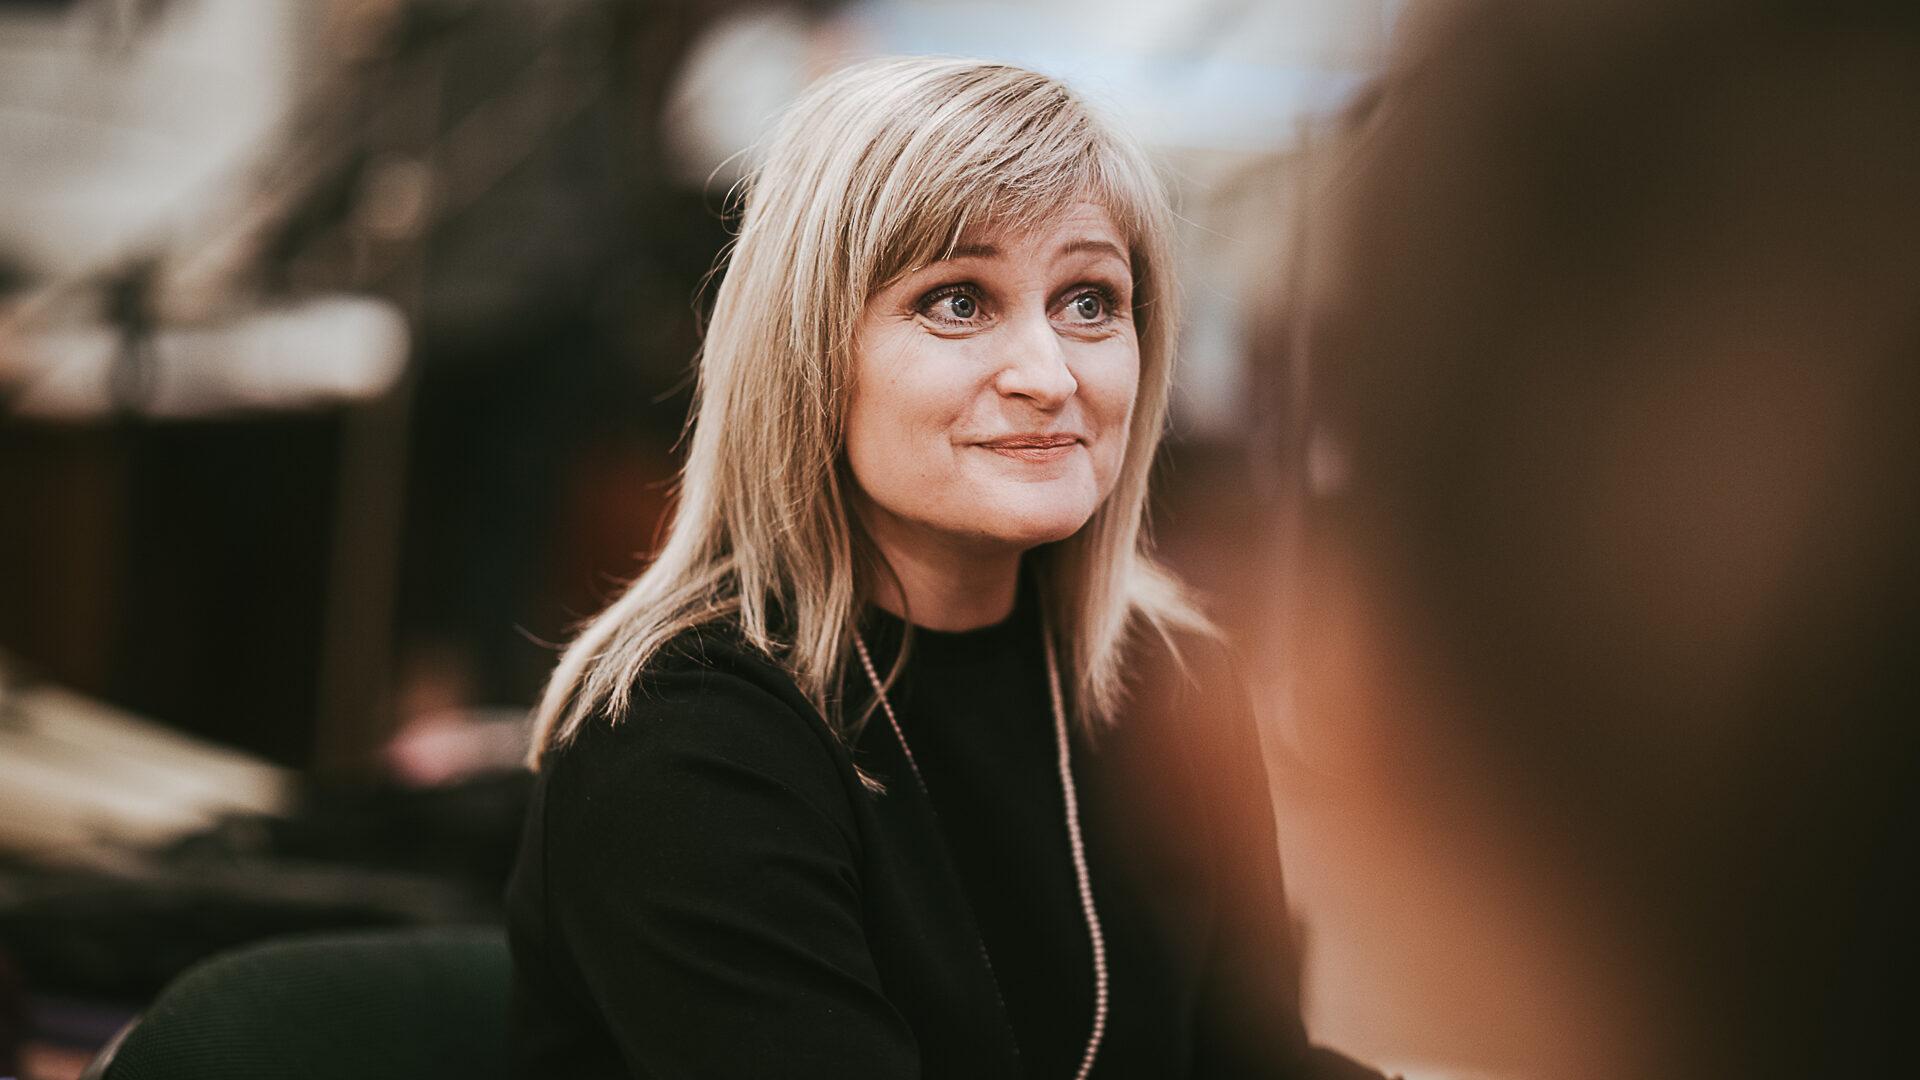 Staselė Rusevičienė (1)